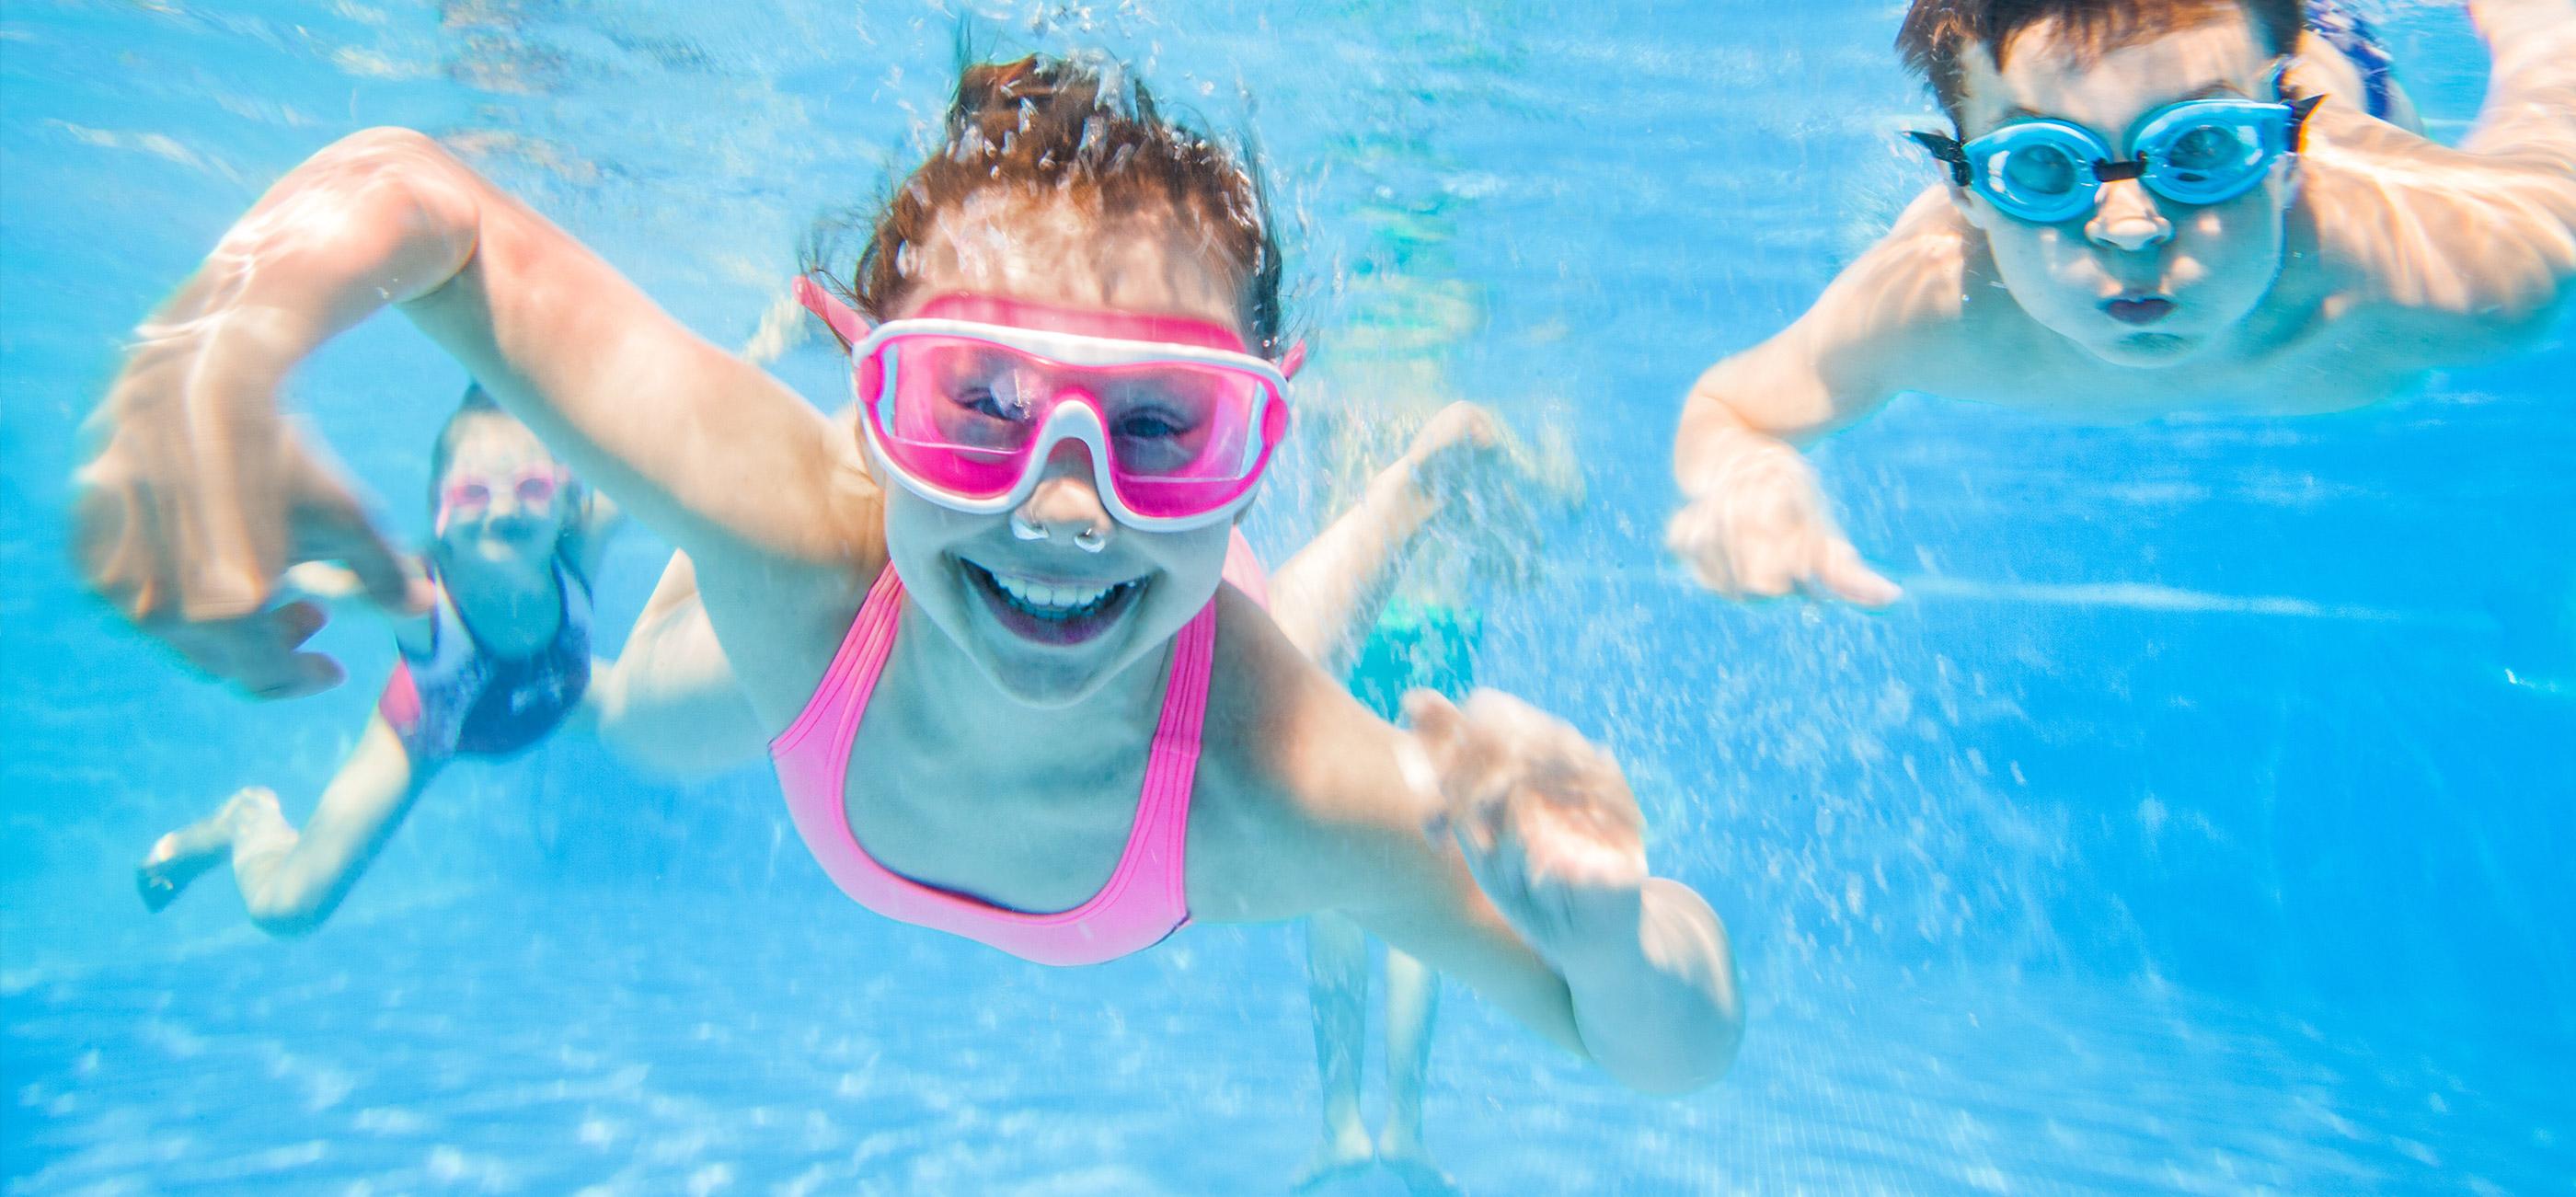 aquatic header2